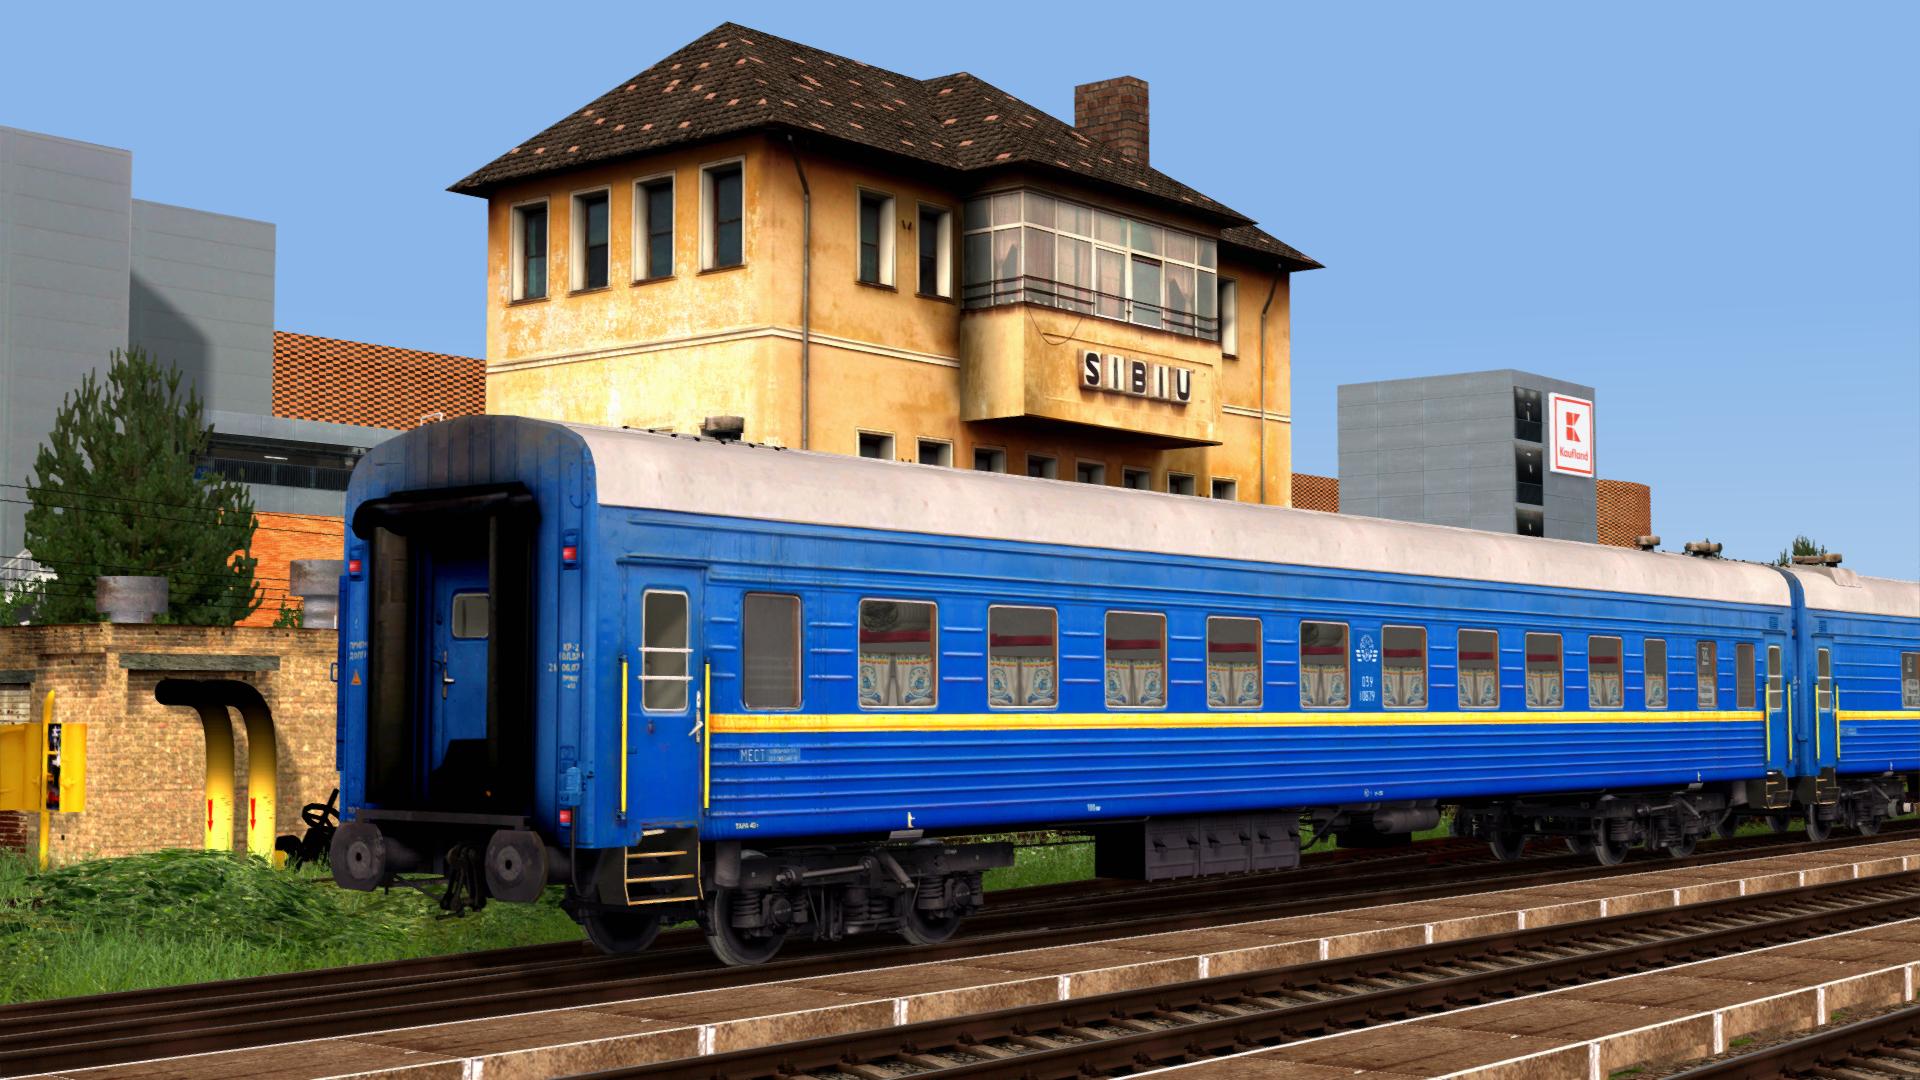 RailWorks64 2021-02-22 17-17-38